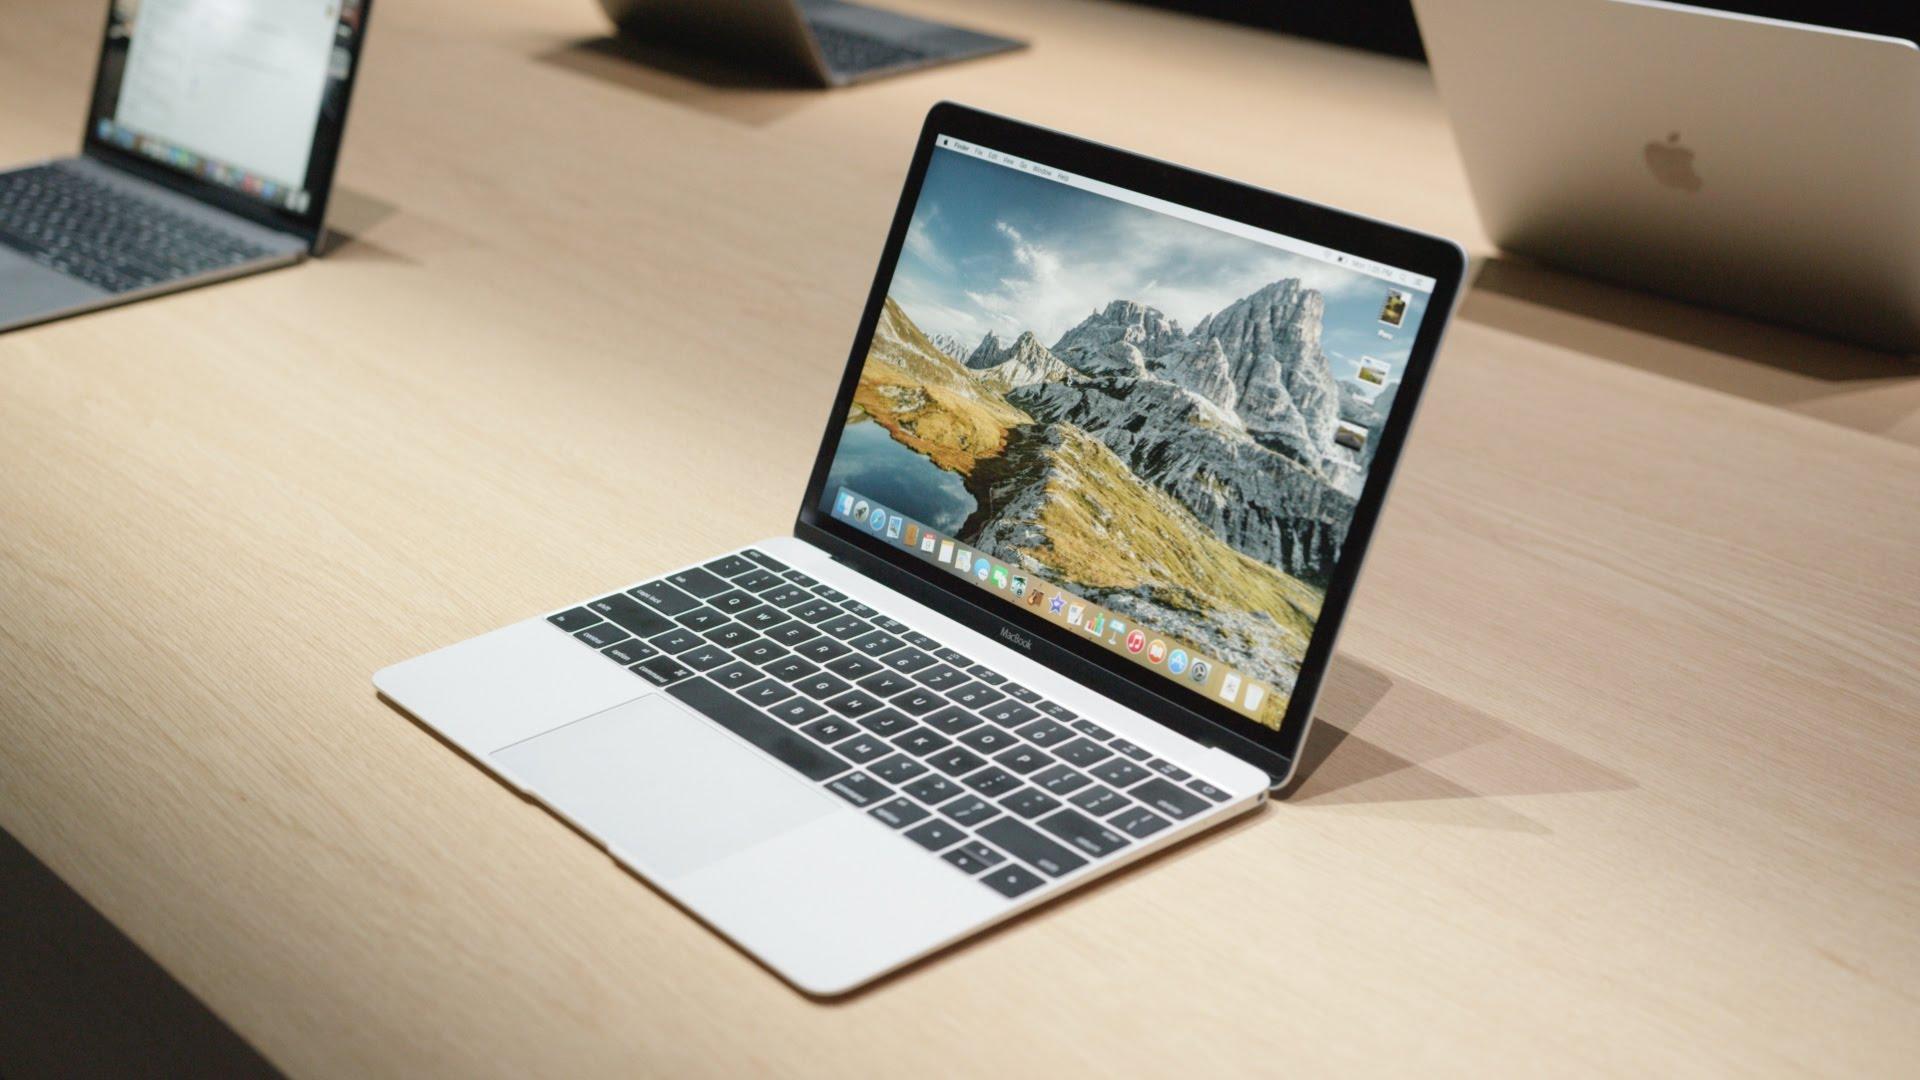 The New Macbook, Macbook 12 inch